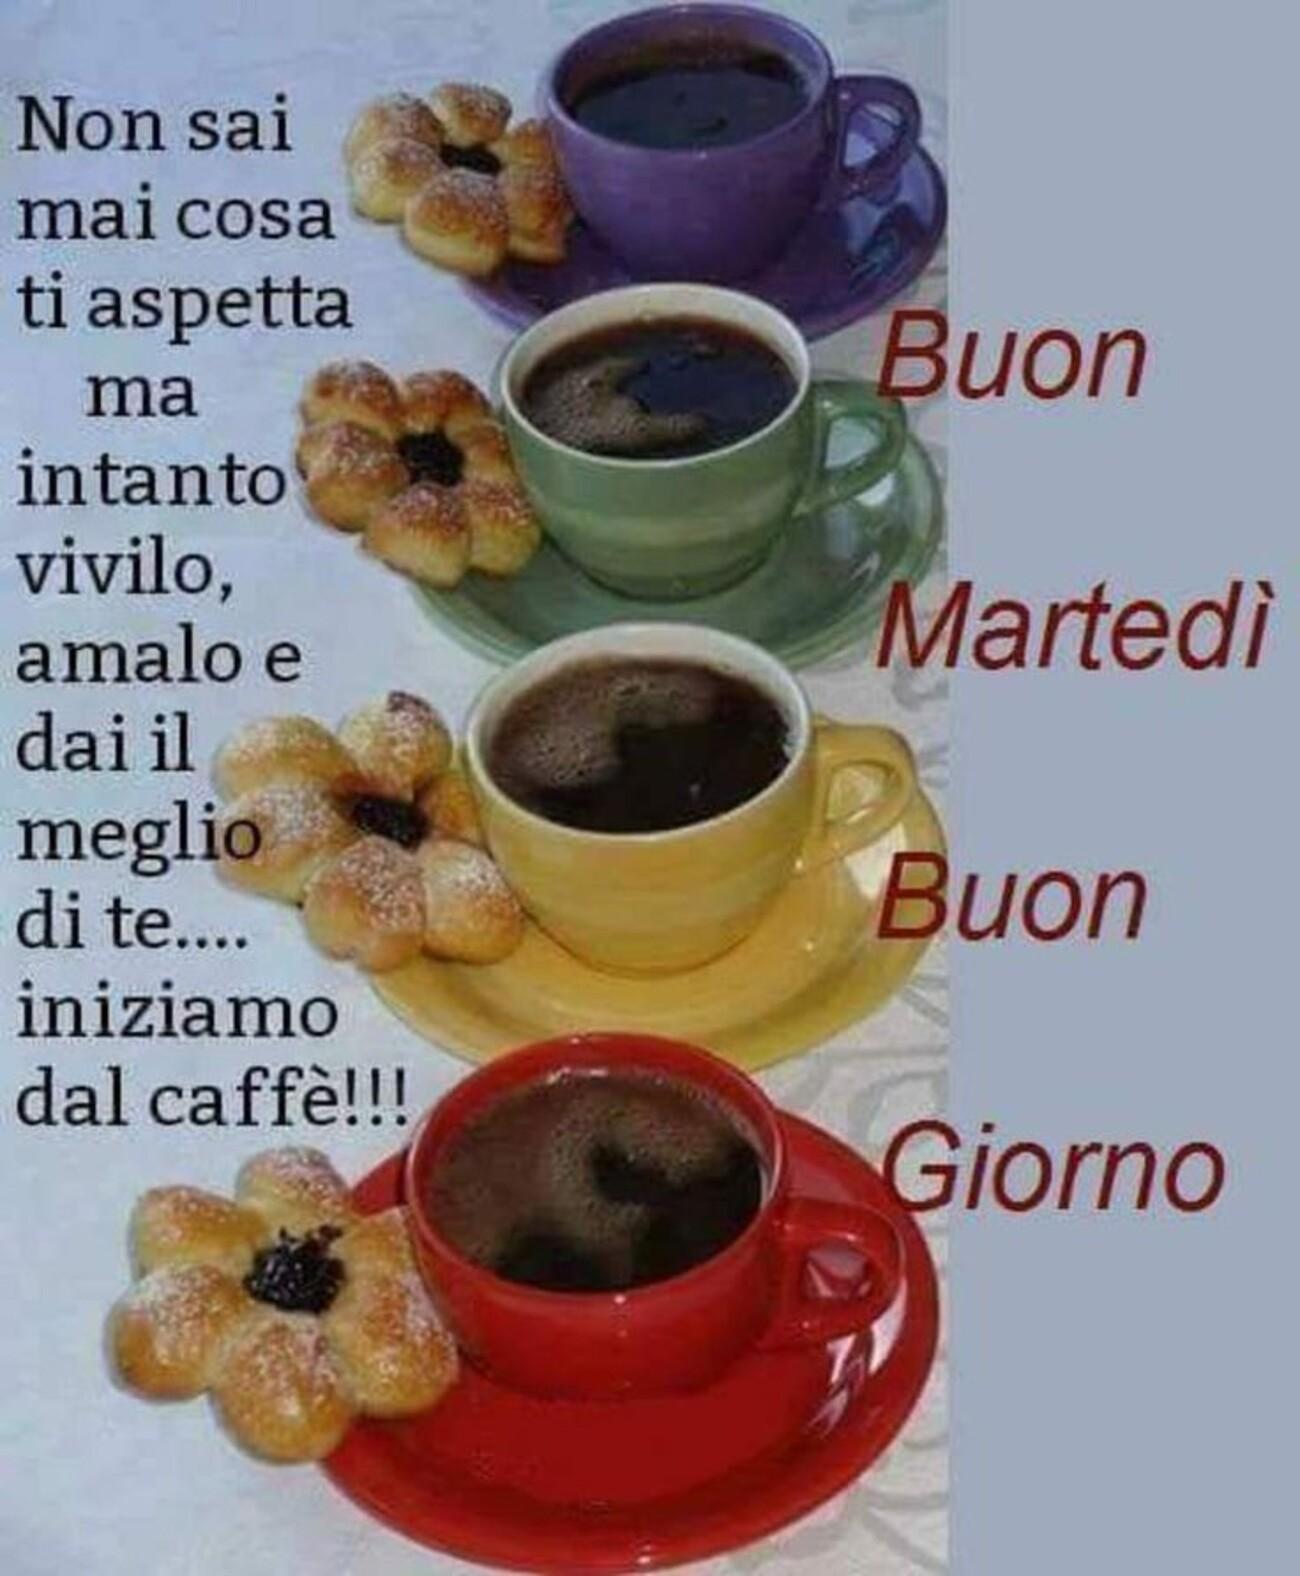 Non sai mai cosa ti aspetta ma intanto vivilo, amalo e dai il meglio di te...iniziamo dal caffè!!! Buon Martedì buongiorno